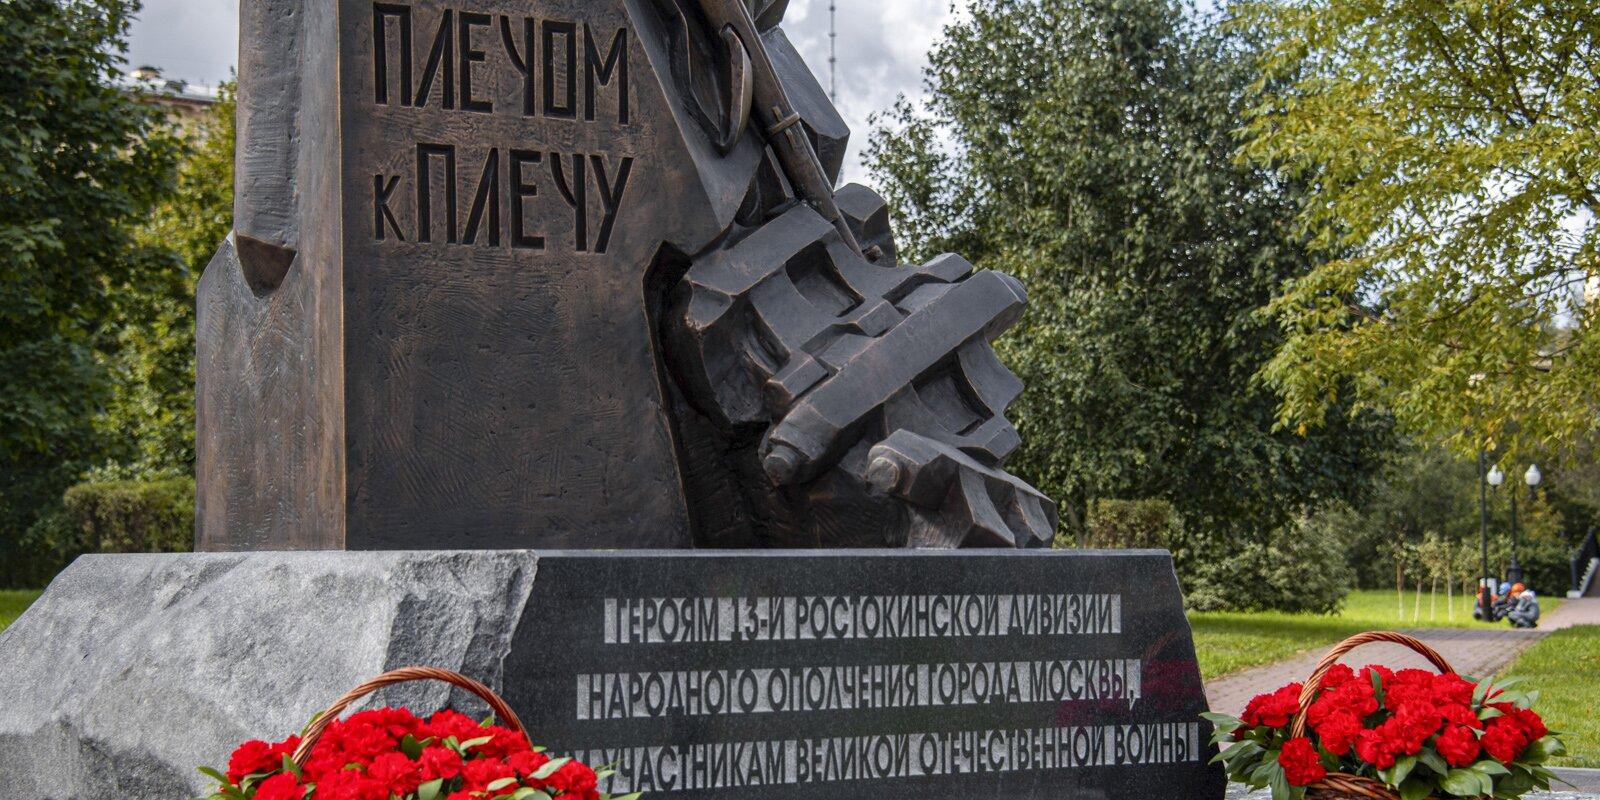 Сергей Собянин почтил память бойцов московского ополчения